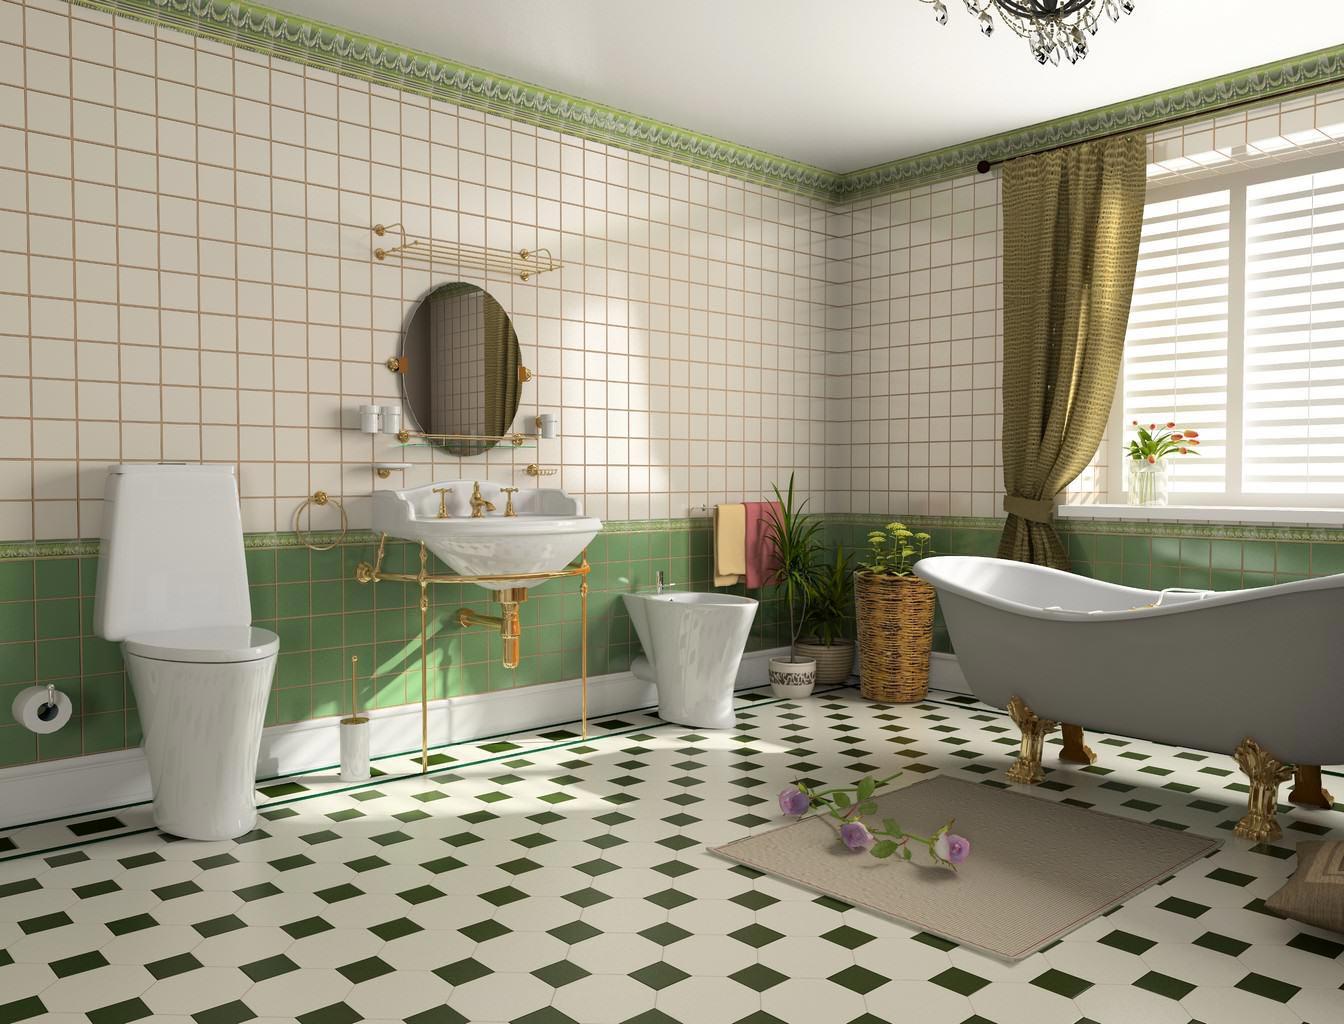 квадратная плитка для ванной-современный дизайн